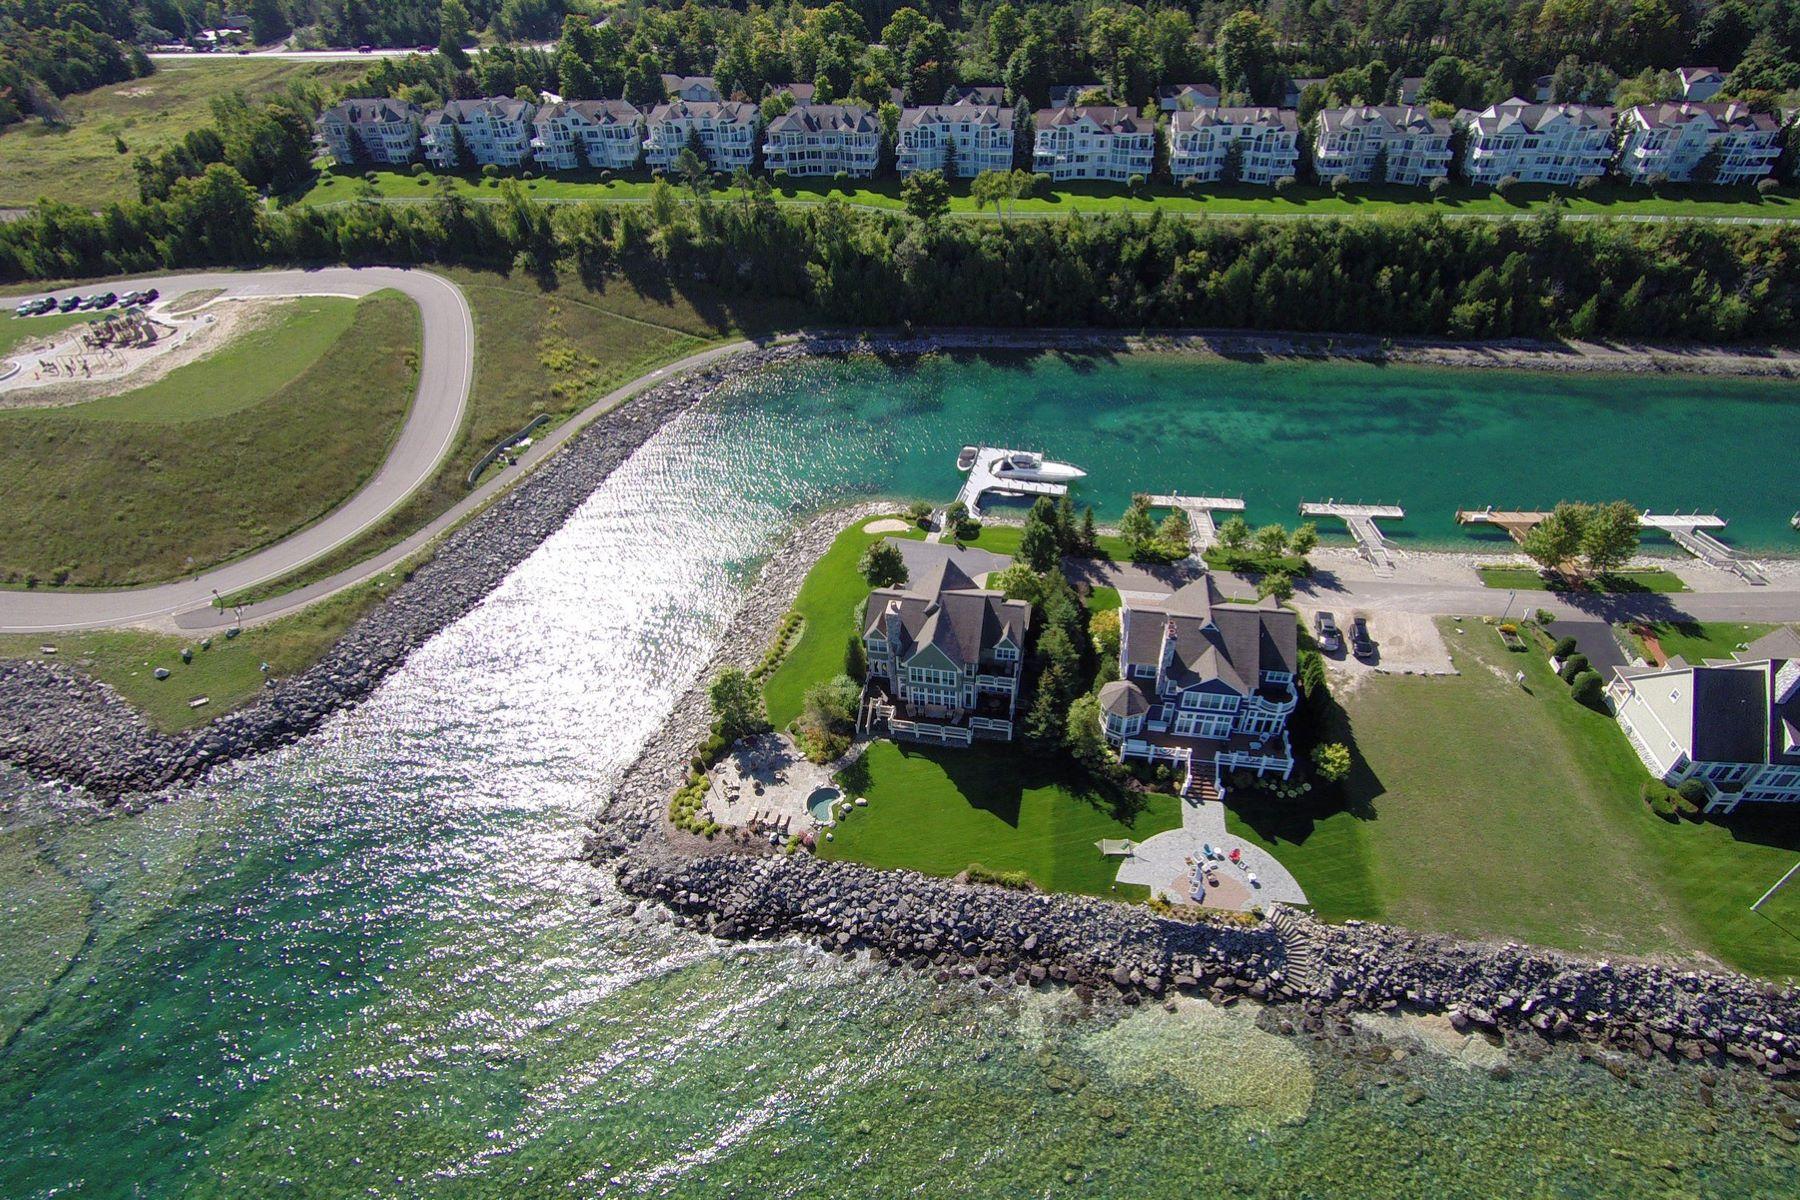 Terreno para Venda às 88 feet of frontage on Lake Michigan and Village Harbor Lake 3220 Village Harbor Drive, Bay Harbor, Michigan 49770 Estados Unidos